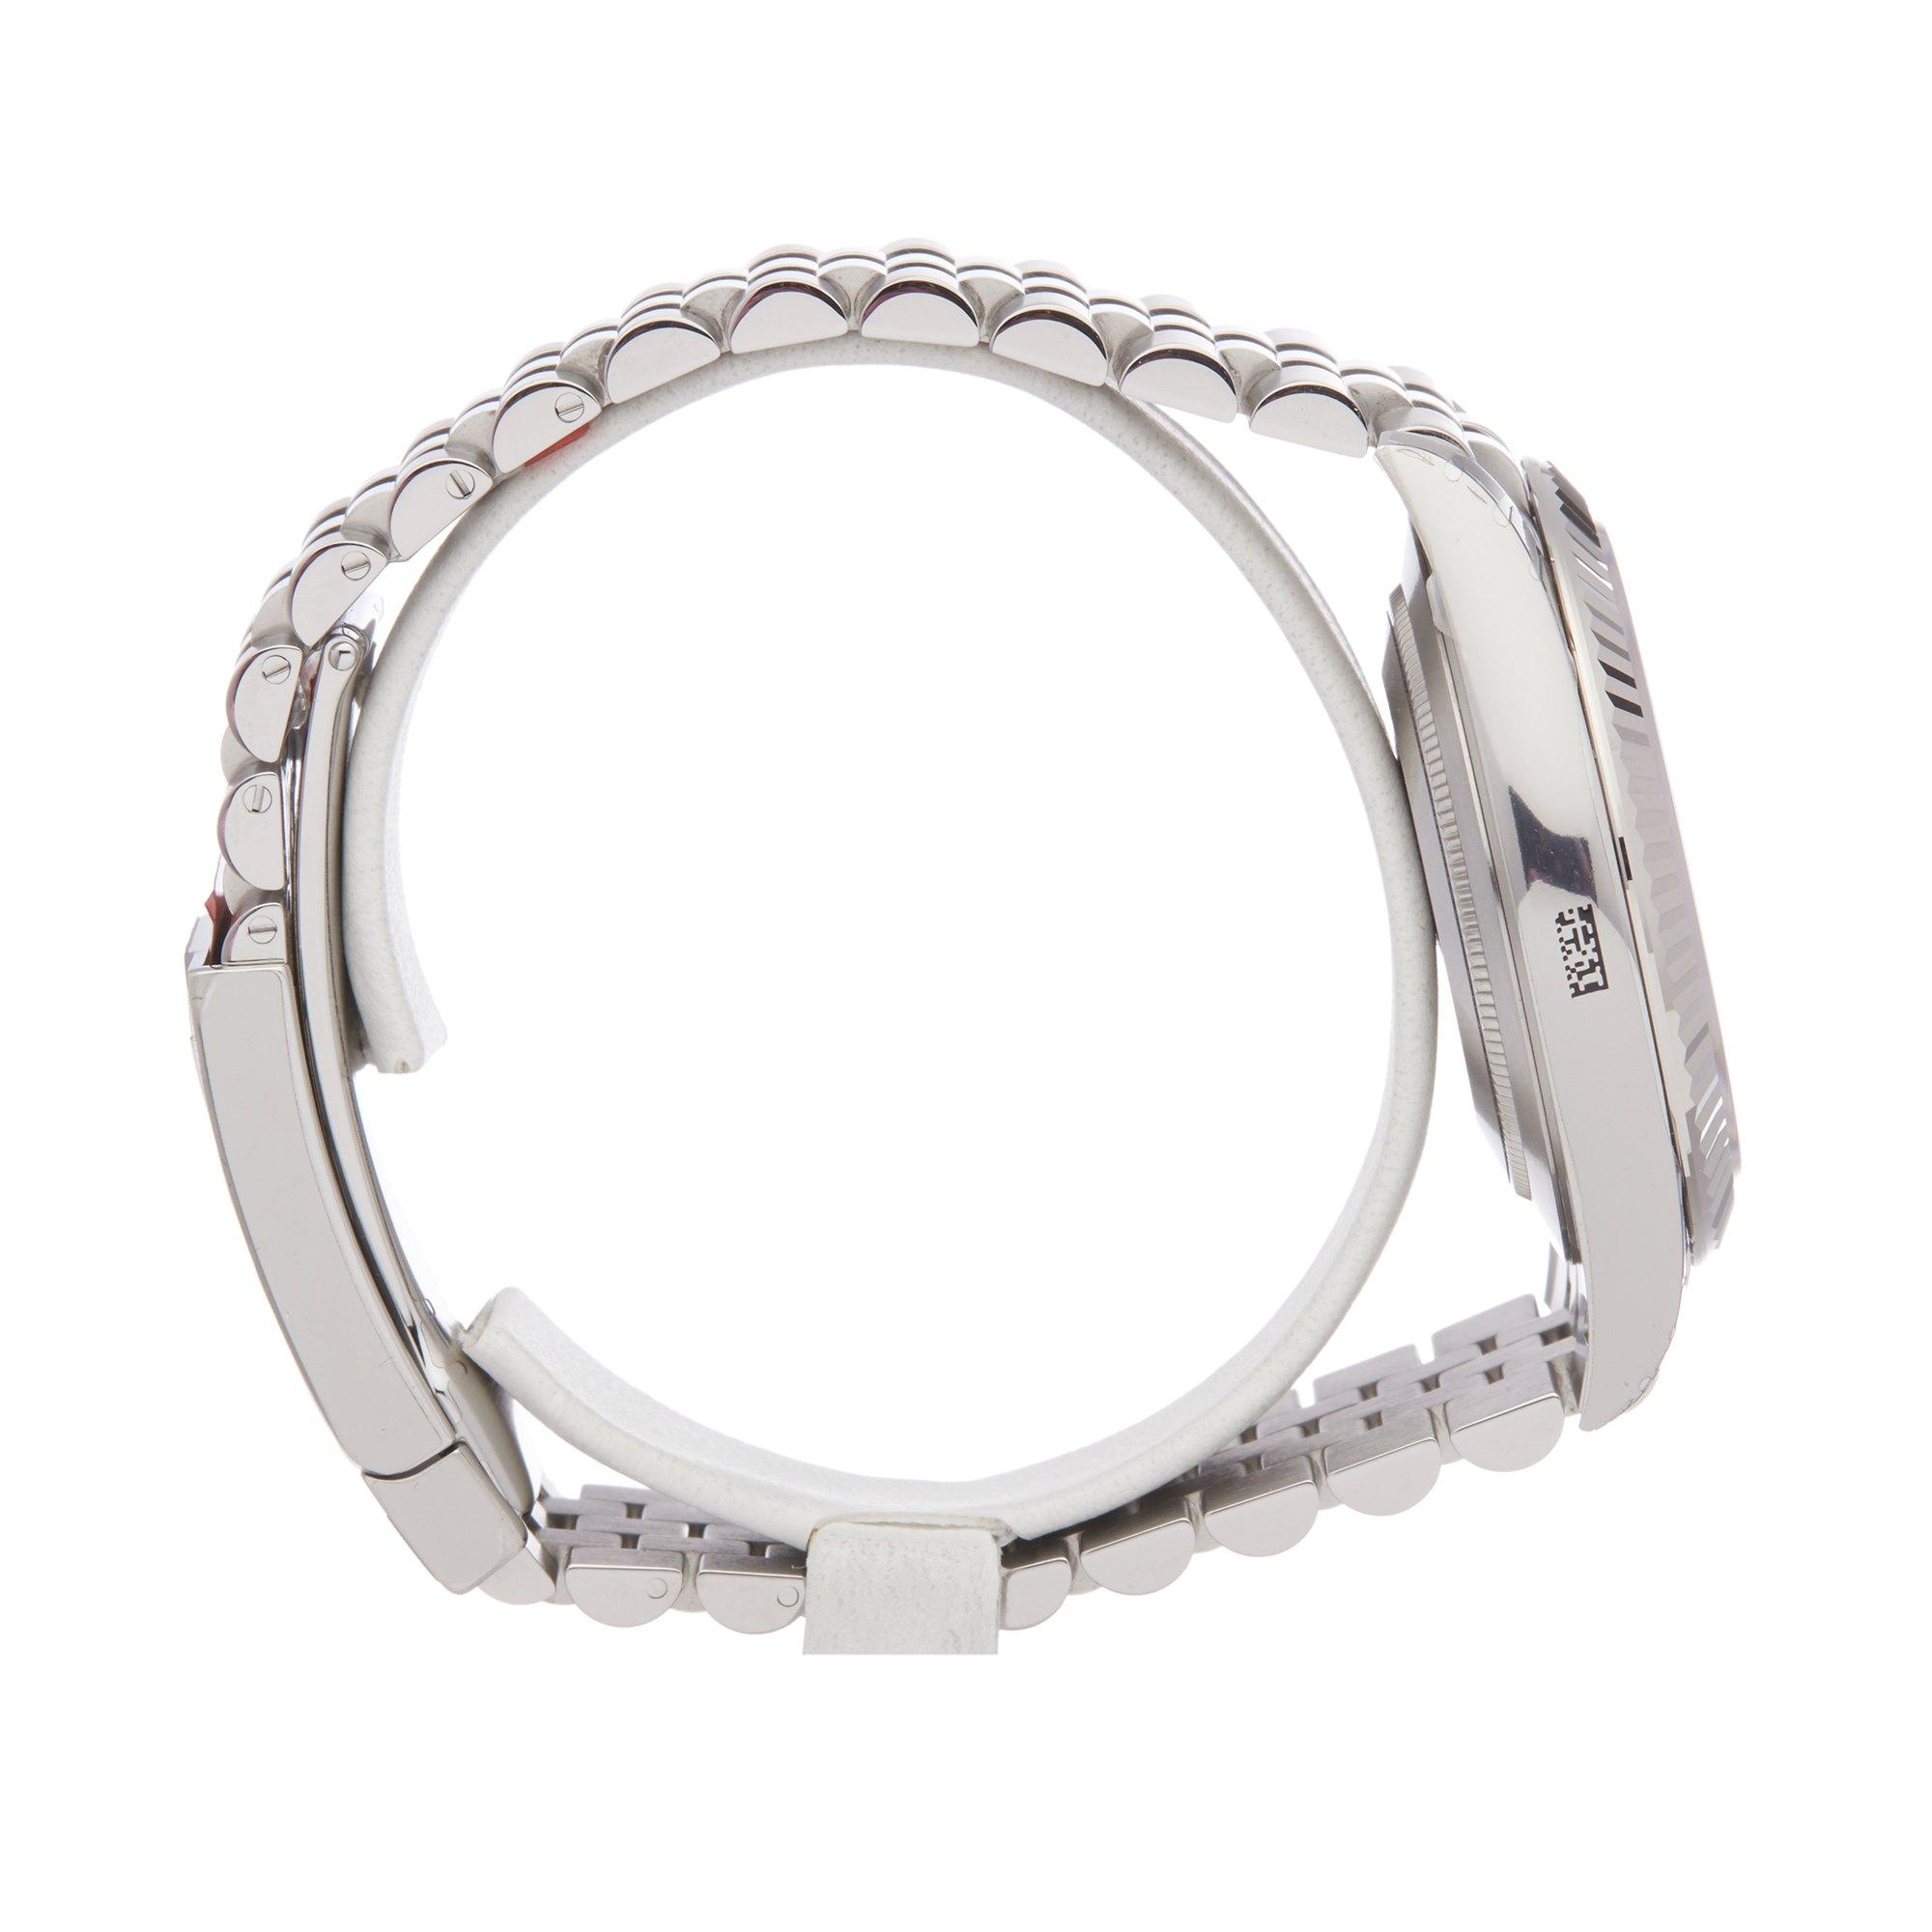 Rolex Datejust 41 NOS Stainless Steel 126334